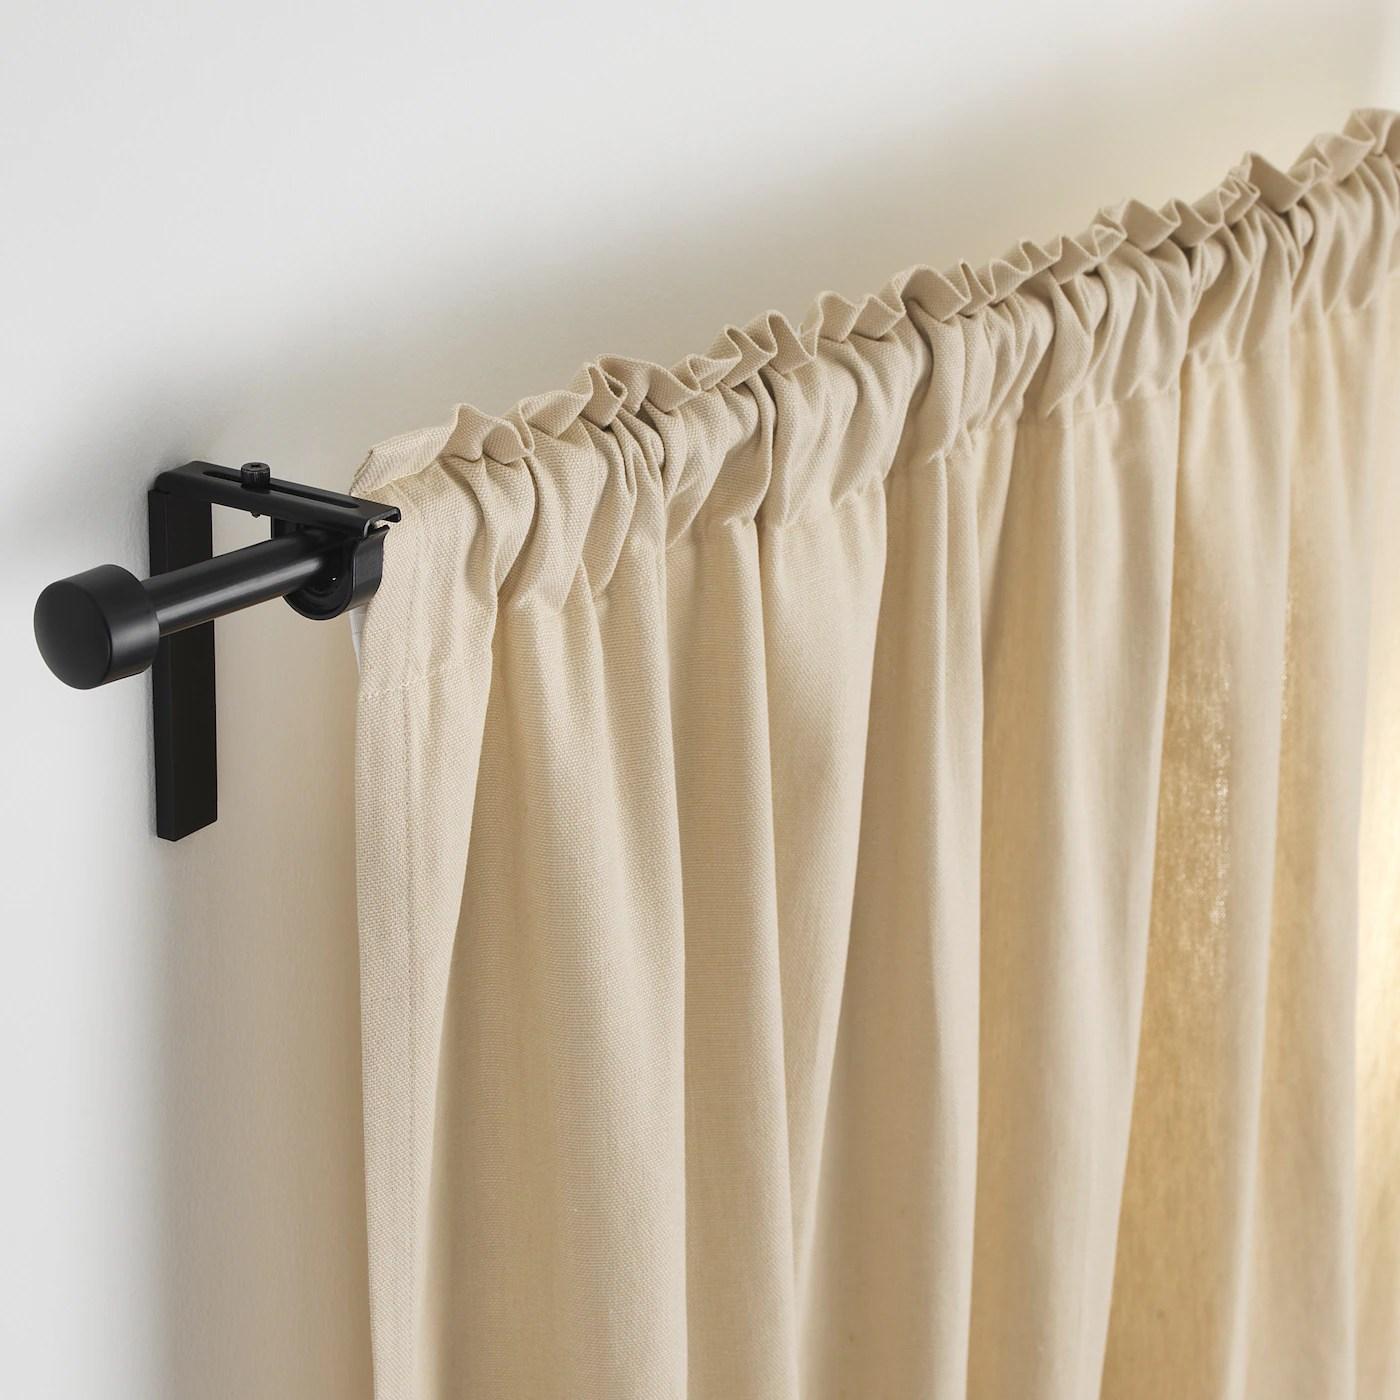 racka curtain rod black 210 385 cm